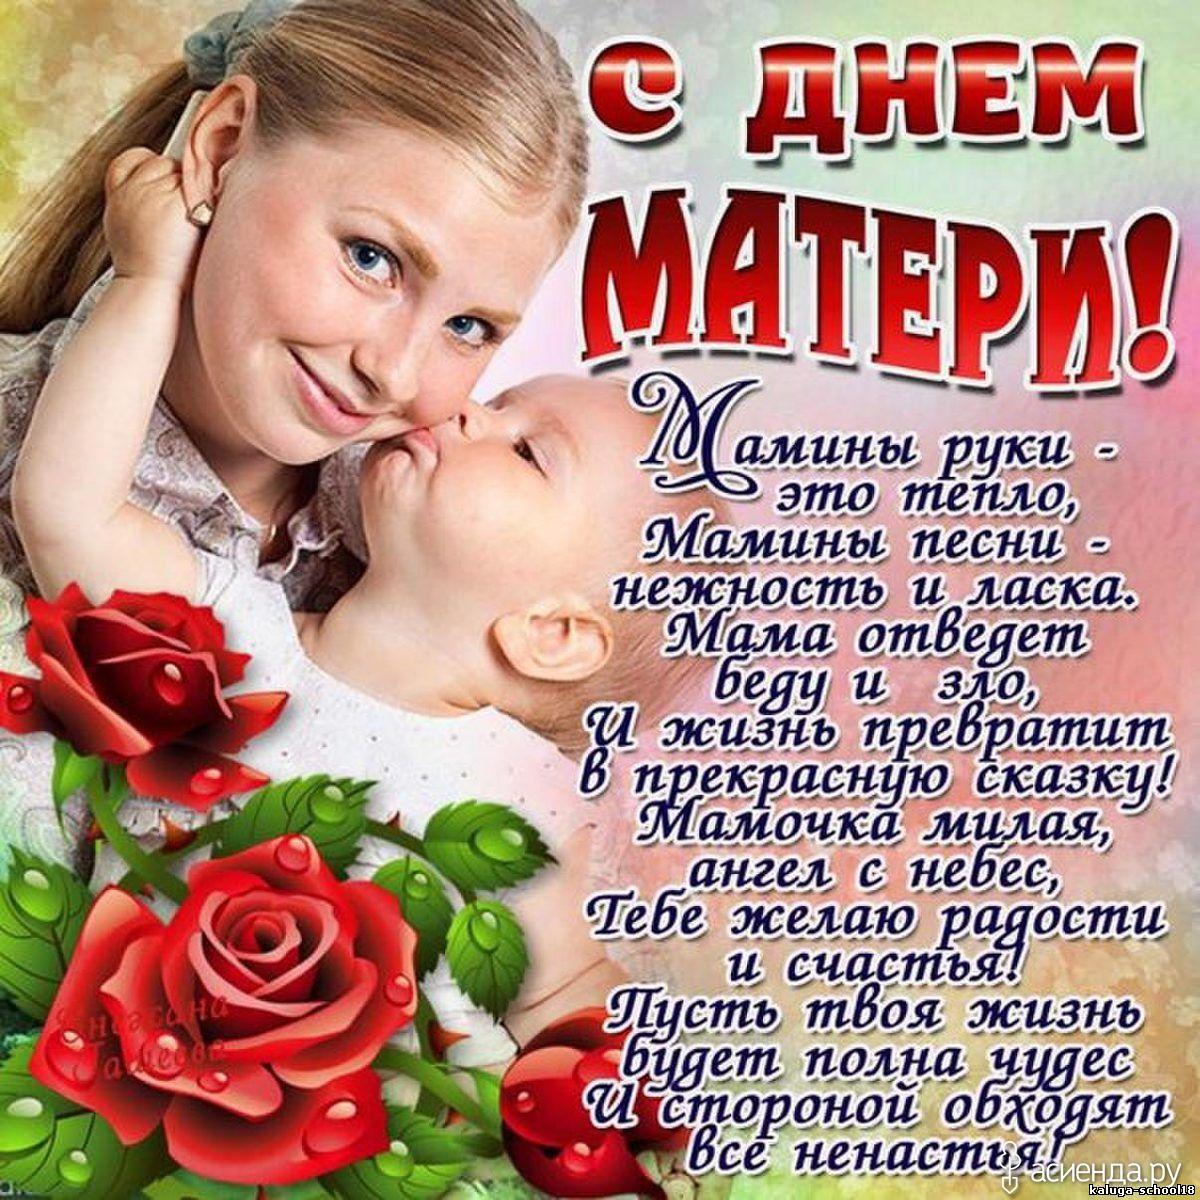 Красивые поздравления открытки с днем матери